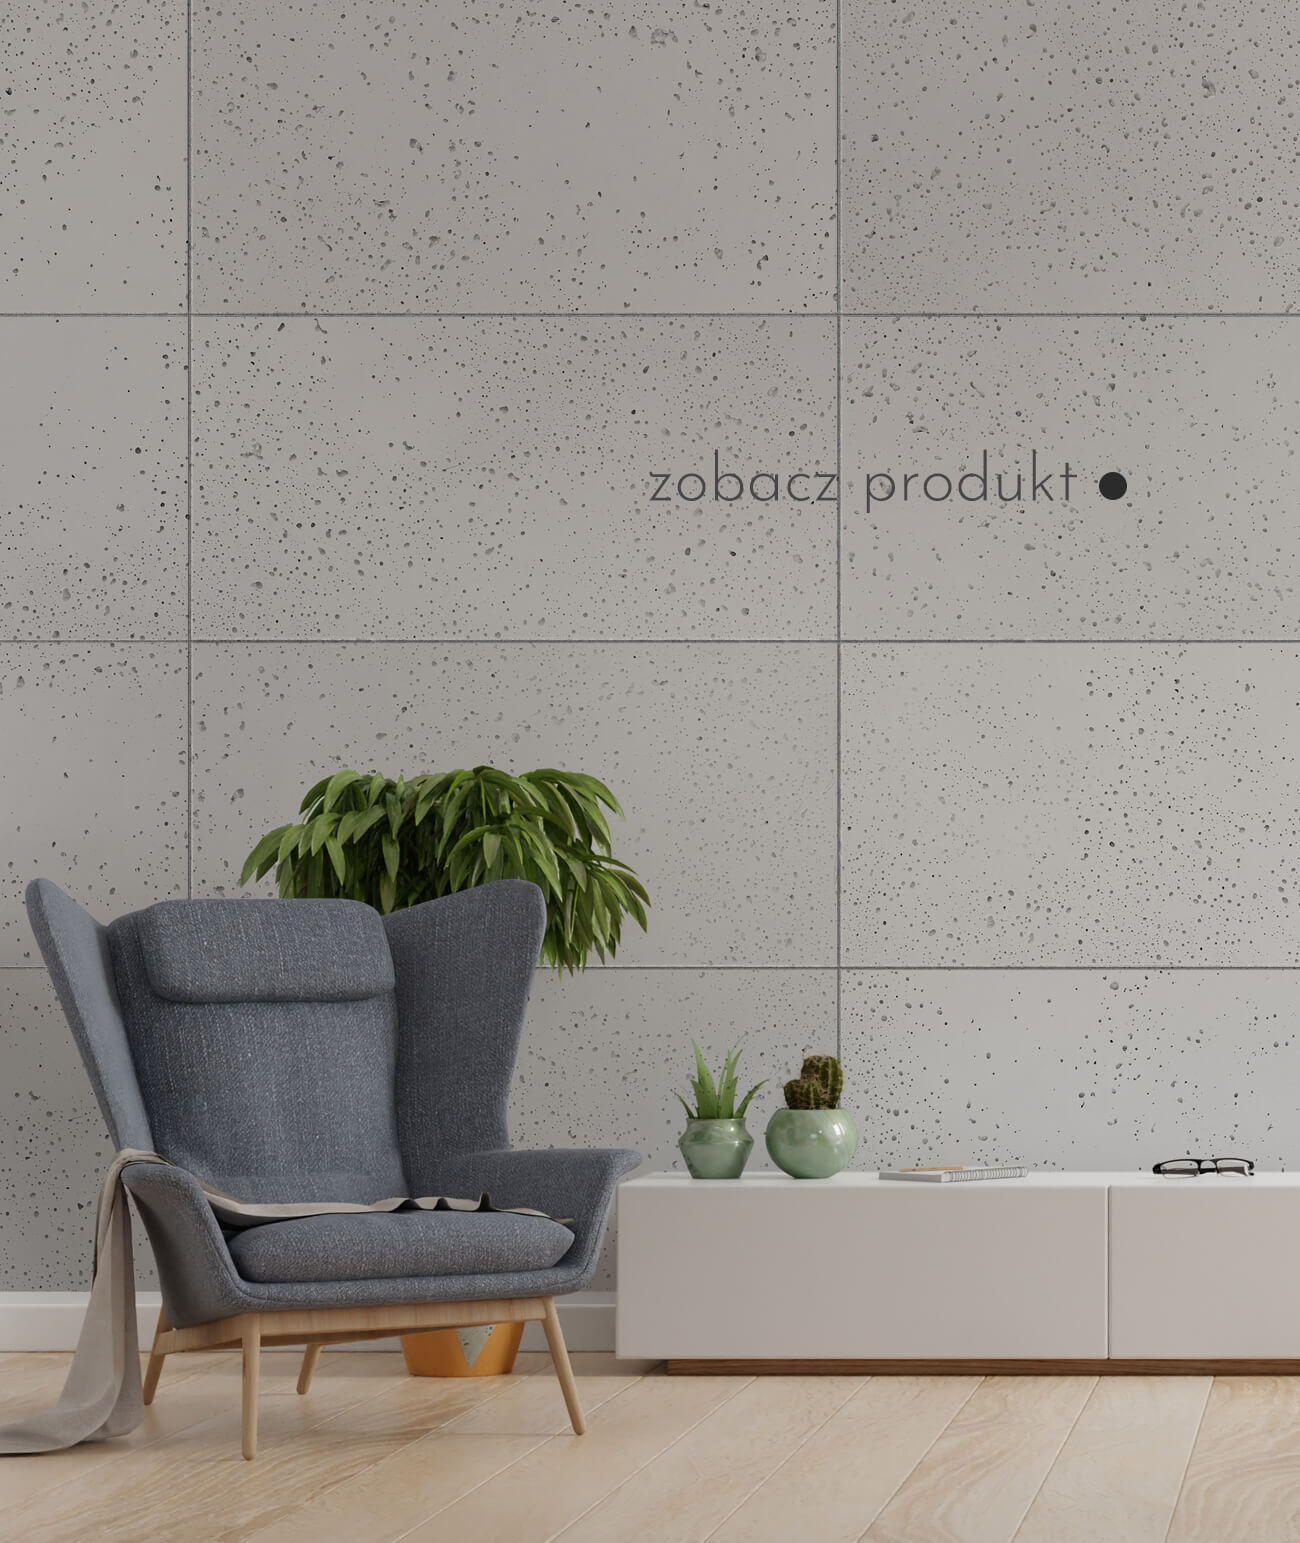 plyty-betonowe-scienne-i-elewacyjne-beton-architektoniczny_1111-24063-ds-jasny-szary---plyta-beton-architektoniczny-grc-rozne-wymiary-ultralekka